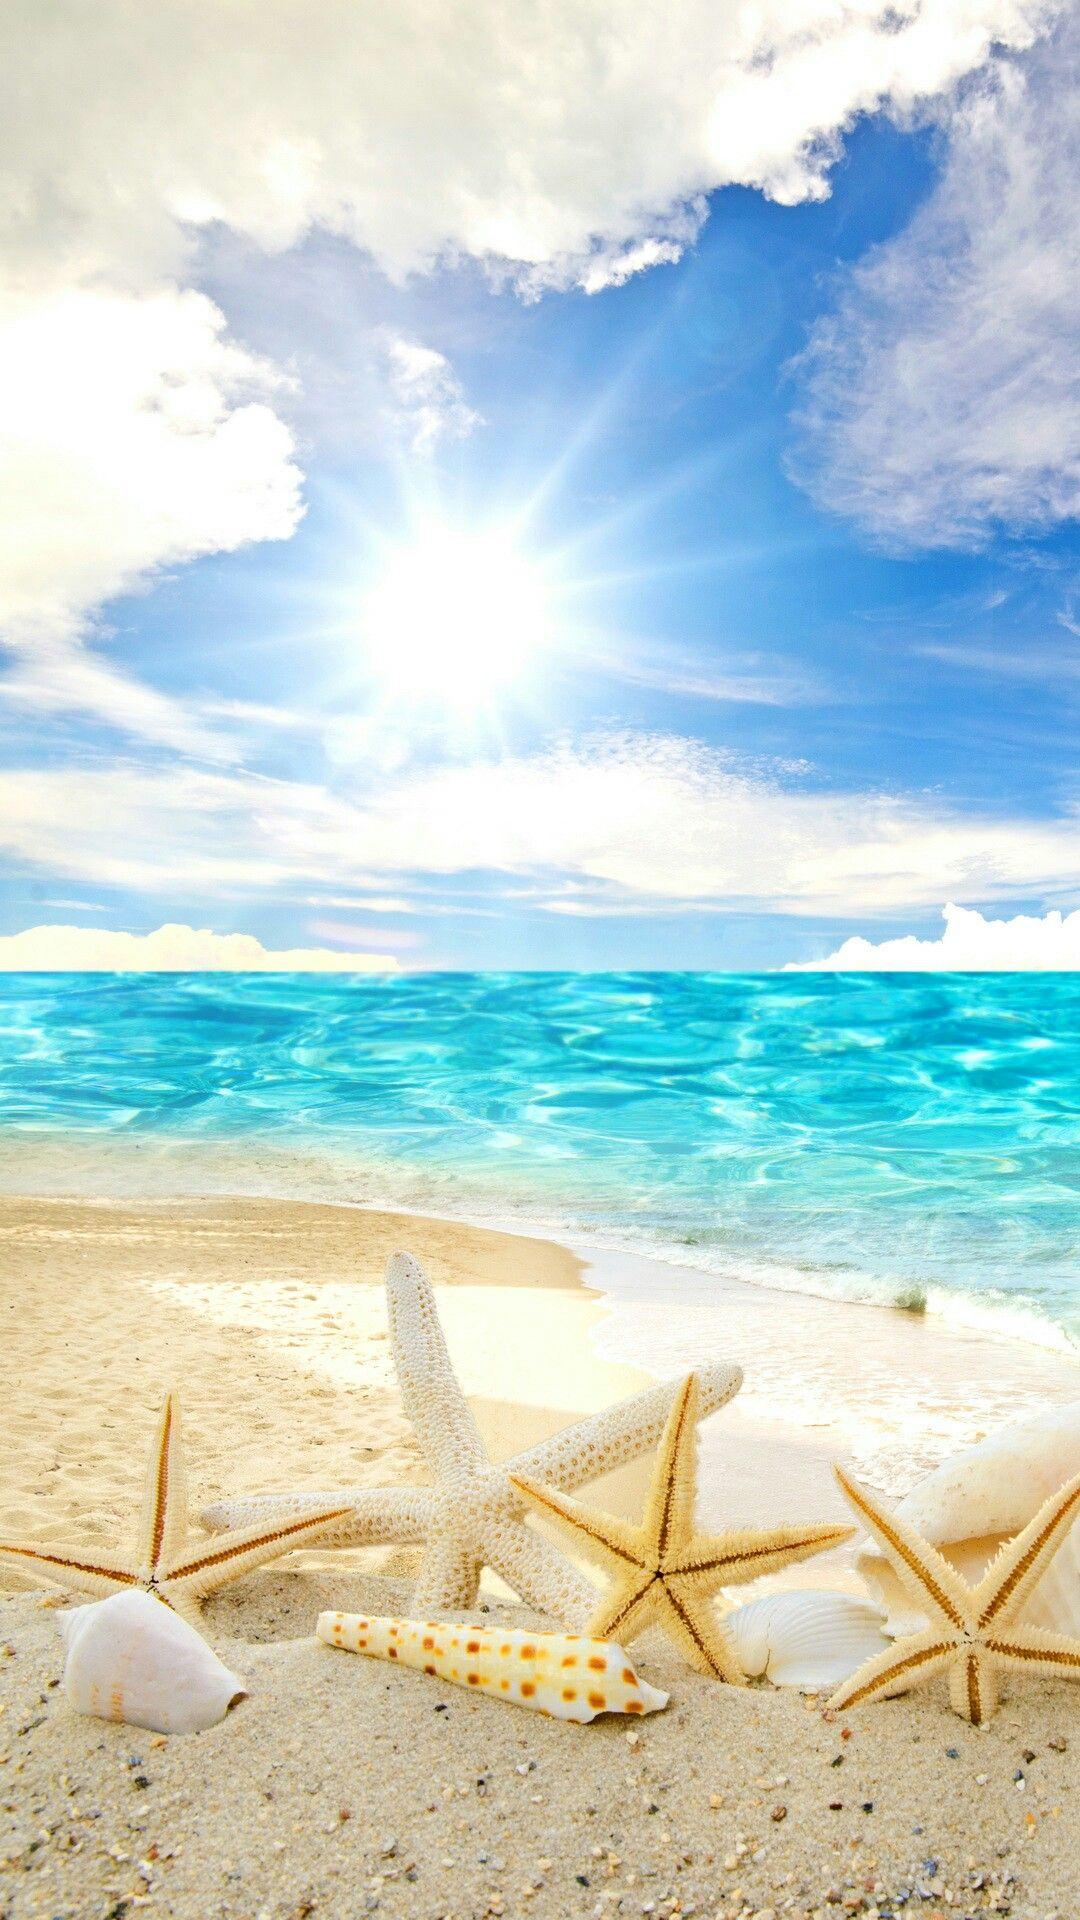 Landschaften | Nature | Beach wallpaper, Summer wallpaper ...